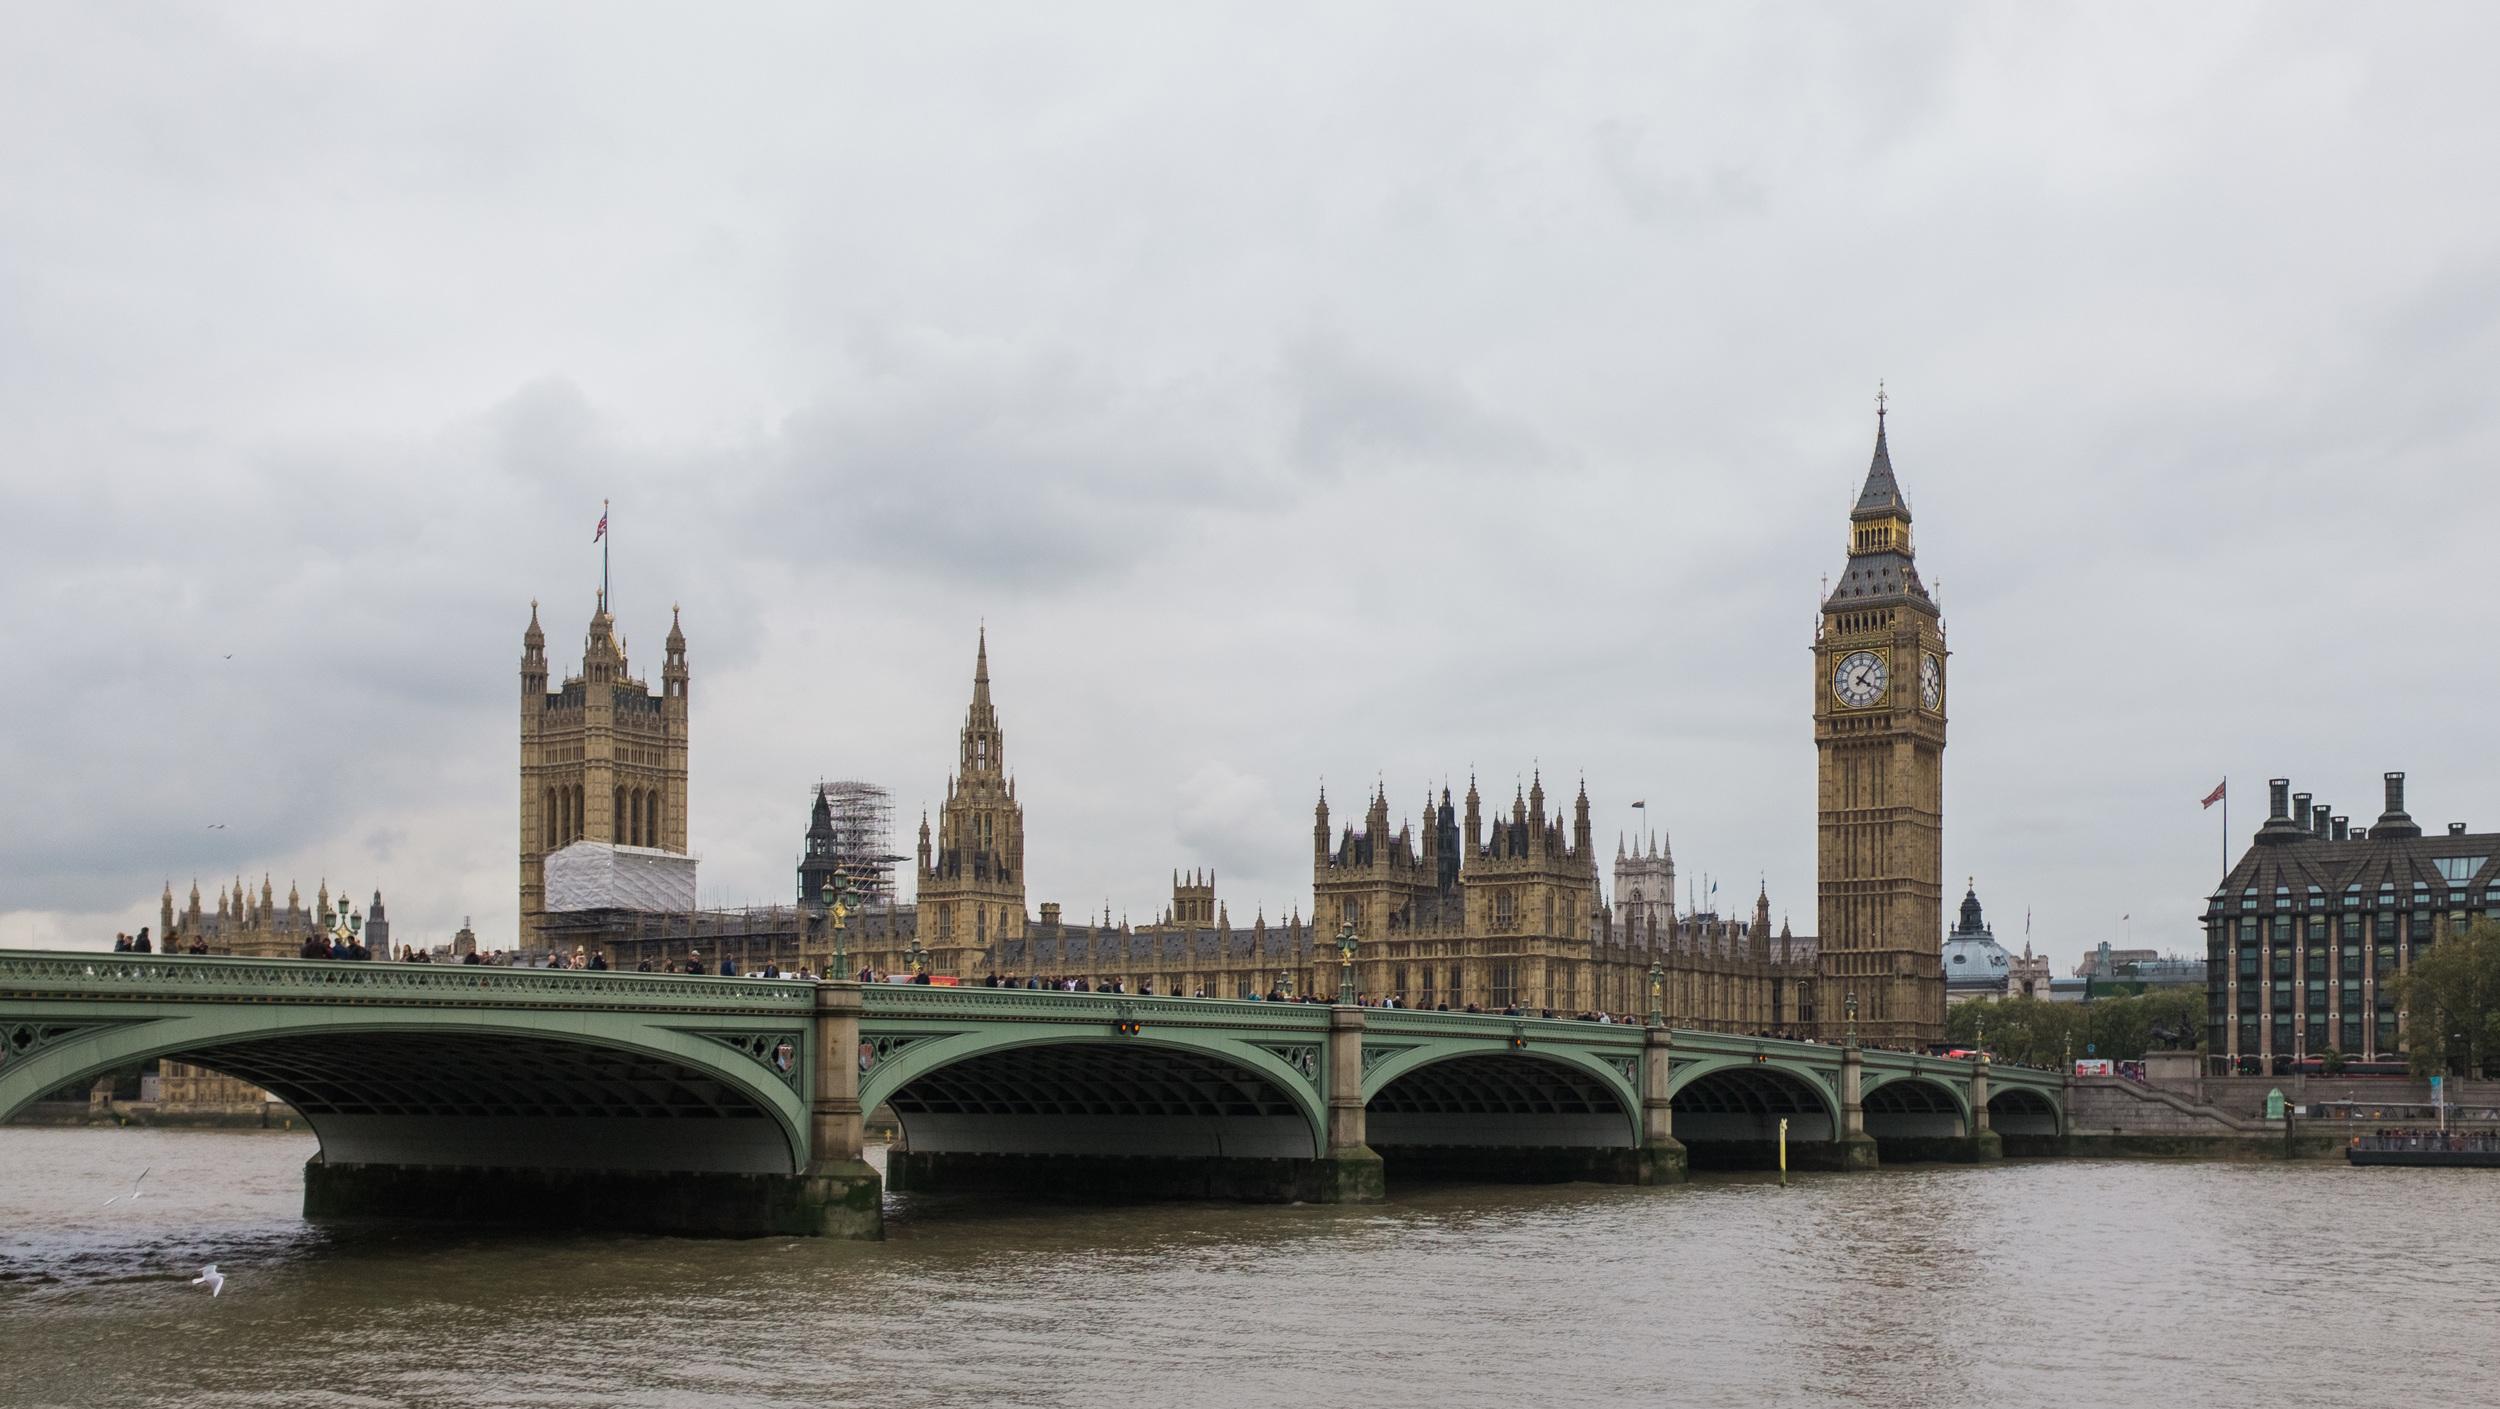 london-britian-cambridge-stmalo-mont-saint-michel-france-normandy-paris-025.jpg